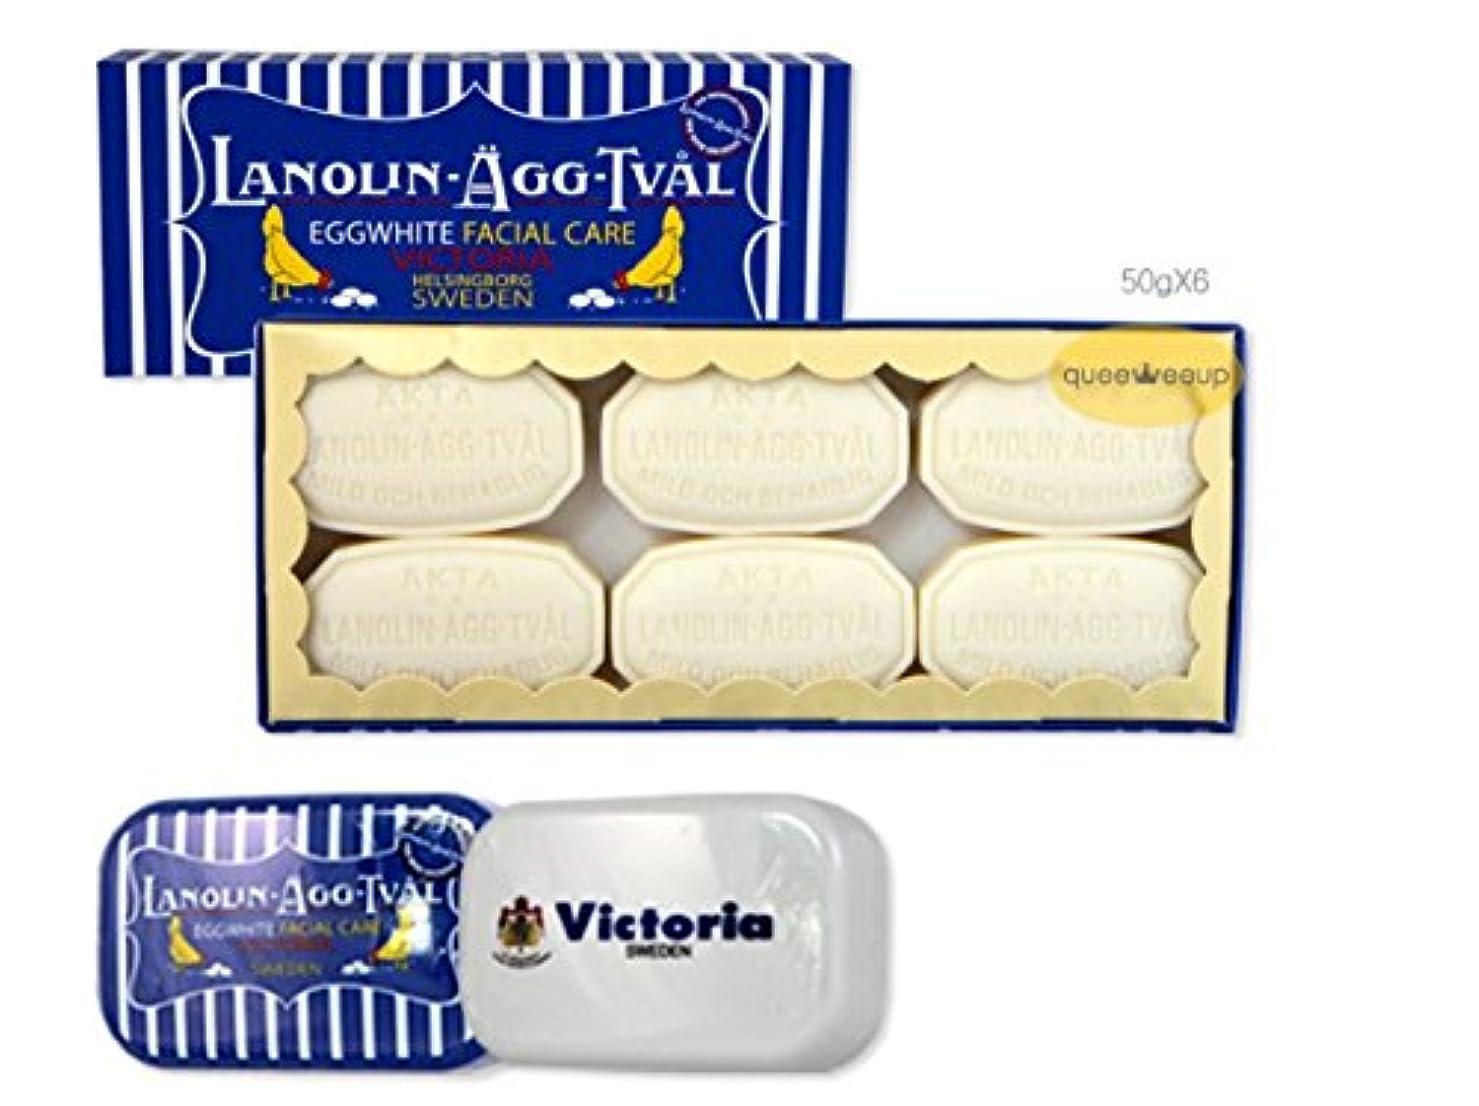 詐欺師収容する安息Victoria (ヴィクトリア) ニューエッグパックソープ 50g×6個 + ケース